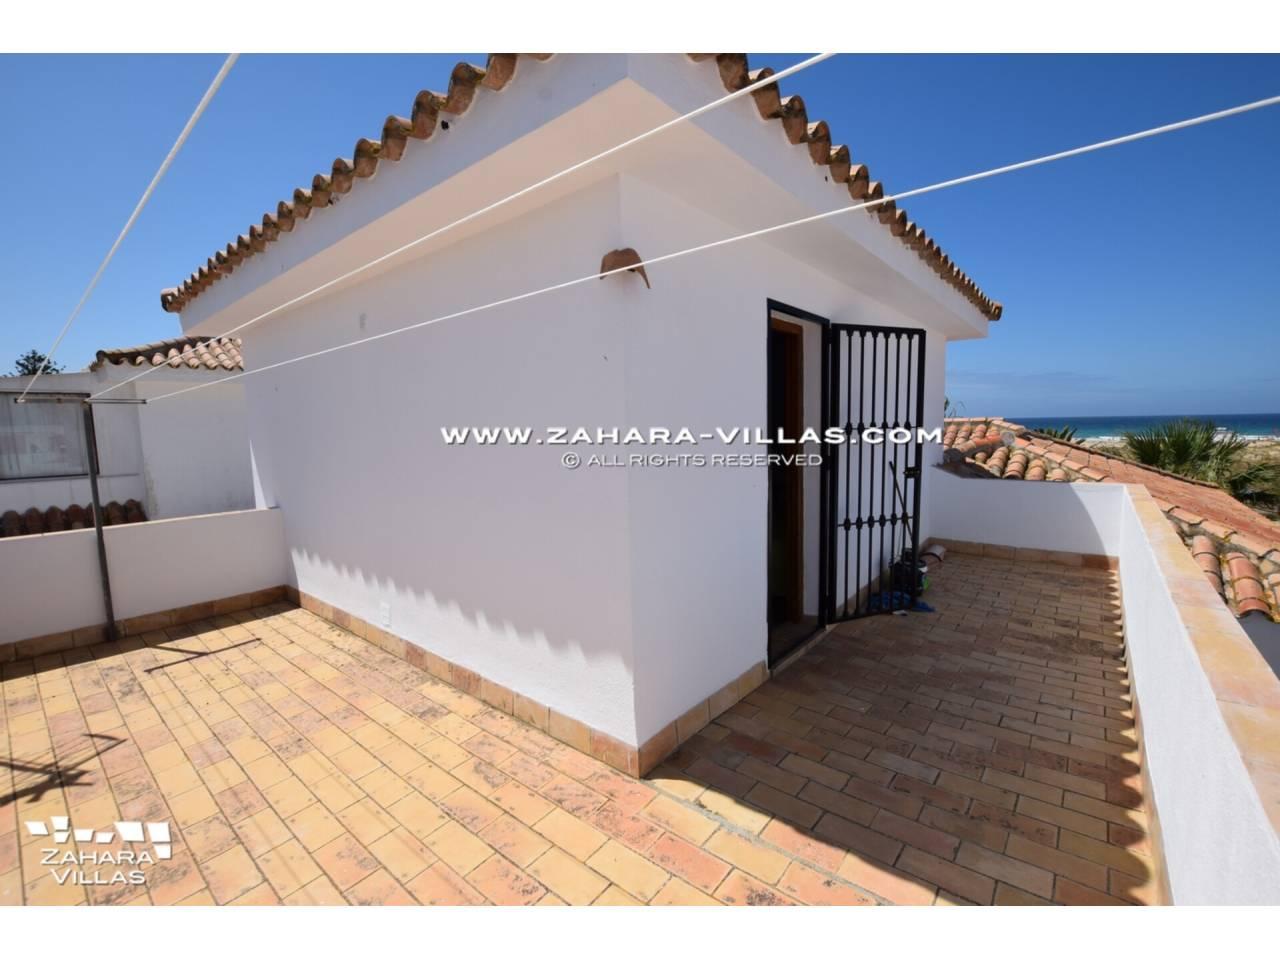 Imagen 6 de Casa en venta en segunda línea de playa, con vistas al mar en Zahara de los Atunes